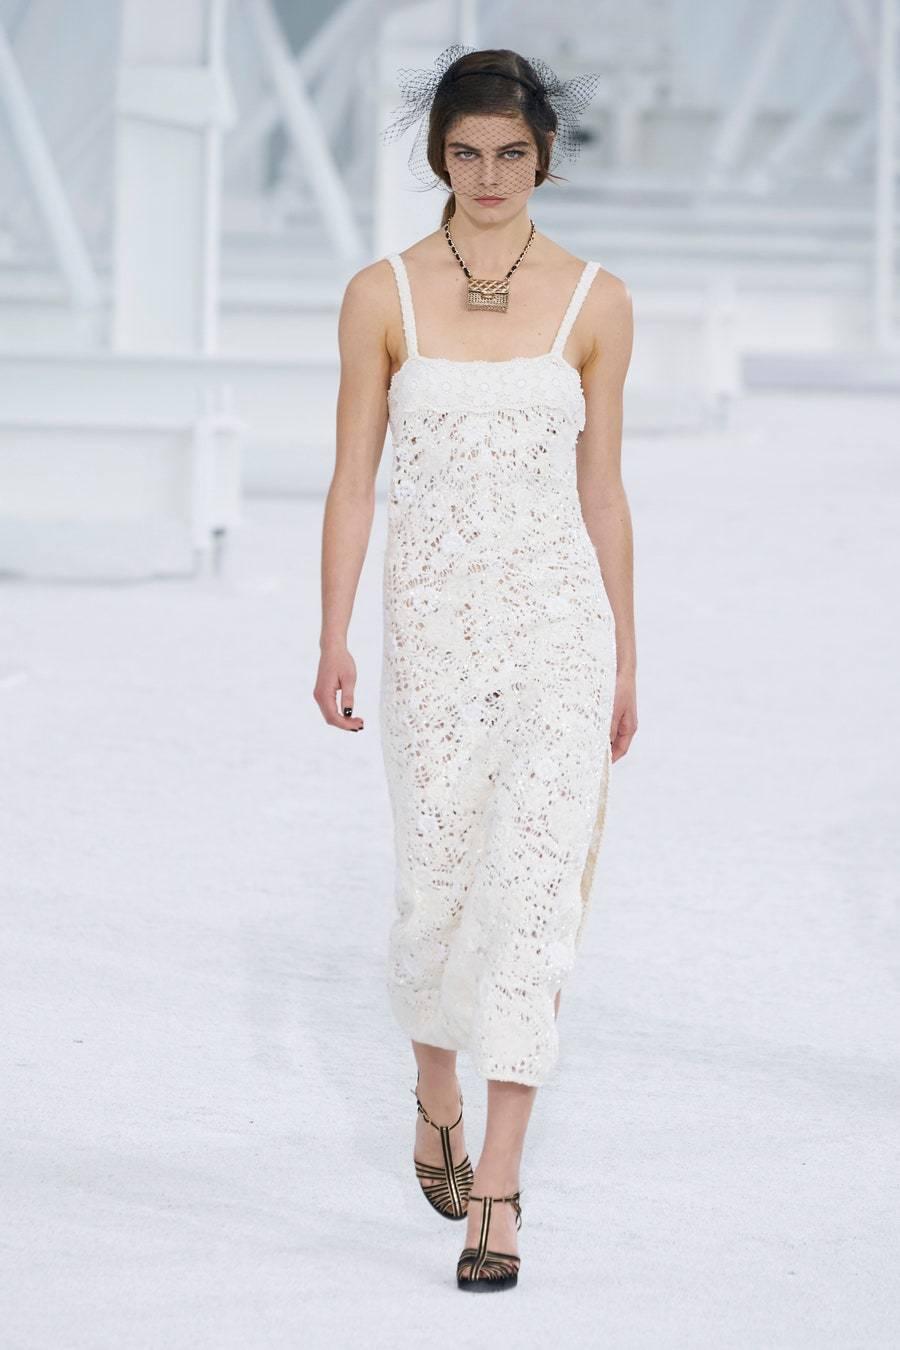 Тактильность, доброта и поддержка — вот главные тенденции Недель моды сезона весна-лето 2021 (фото 1)